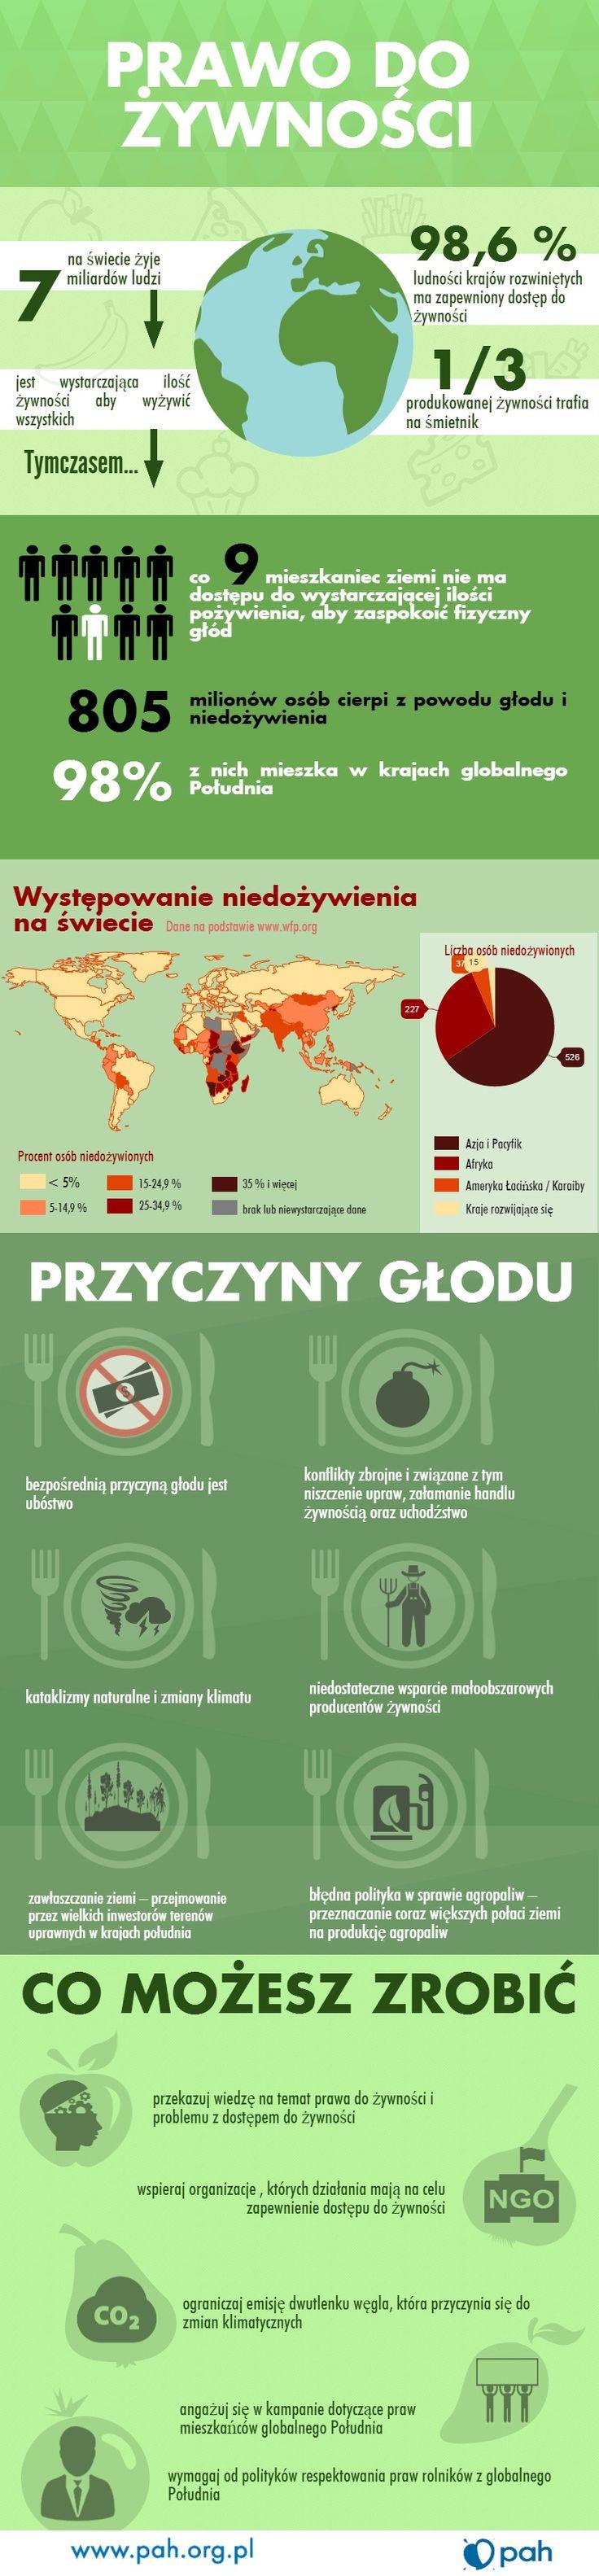 Prawo do żywności http://www.pah.org.pl/nasze-dzialania/460/swiat_bez_glodu